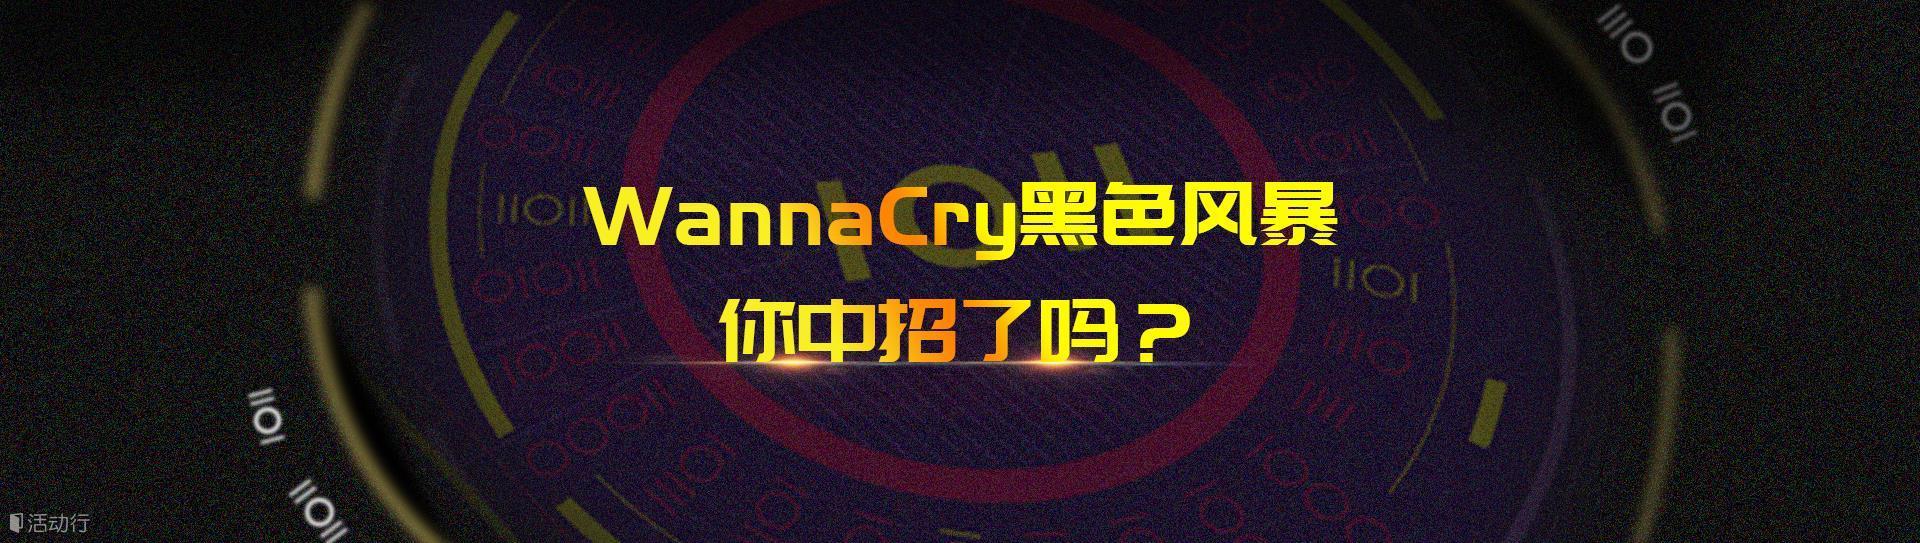 WannaCry黑色风暴,你中招了吗?